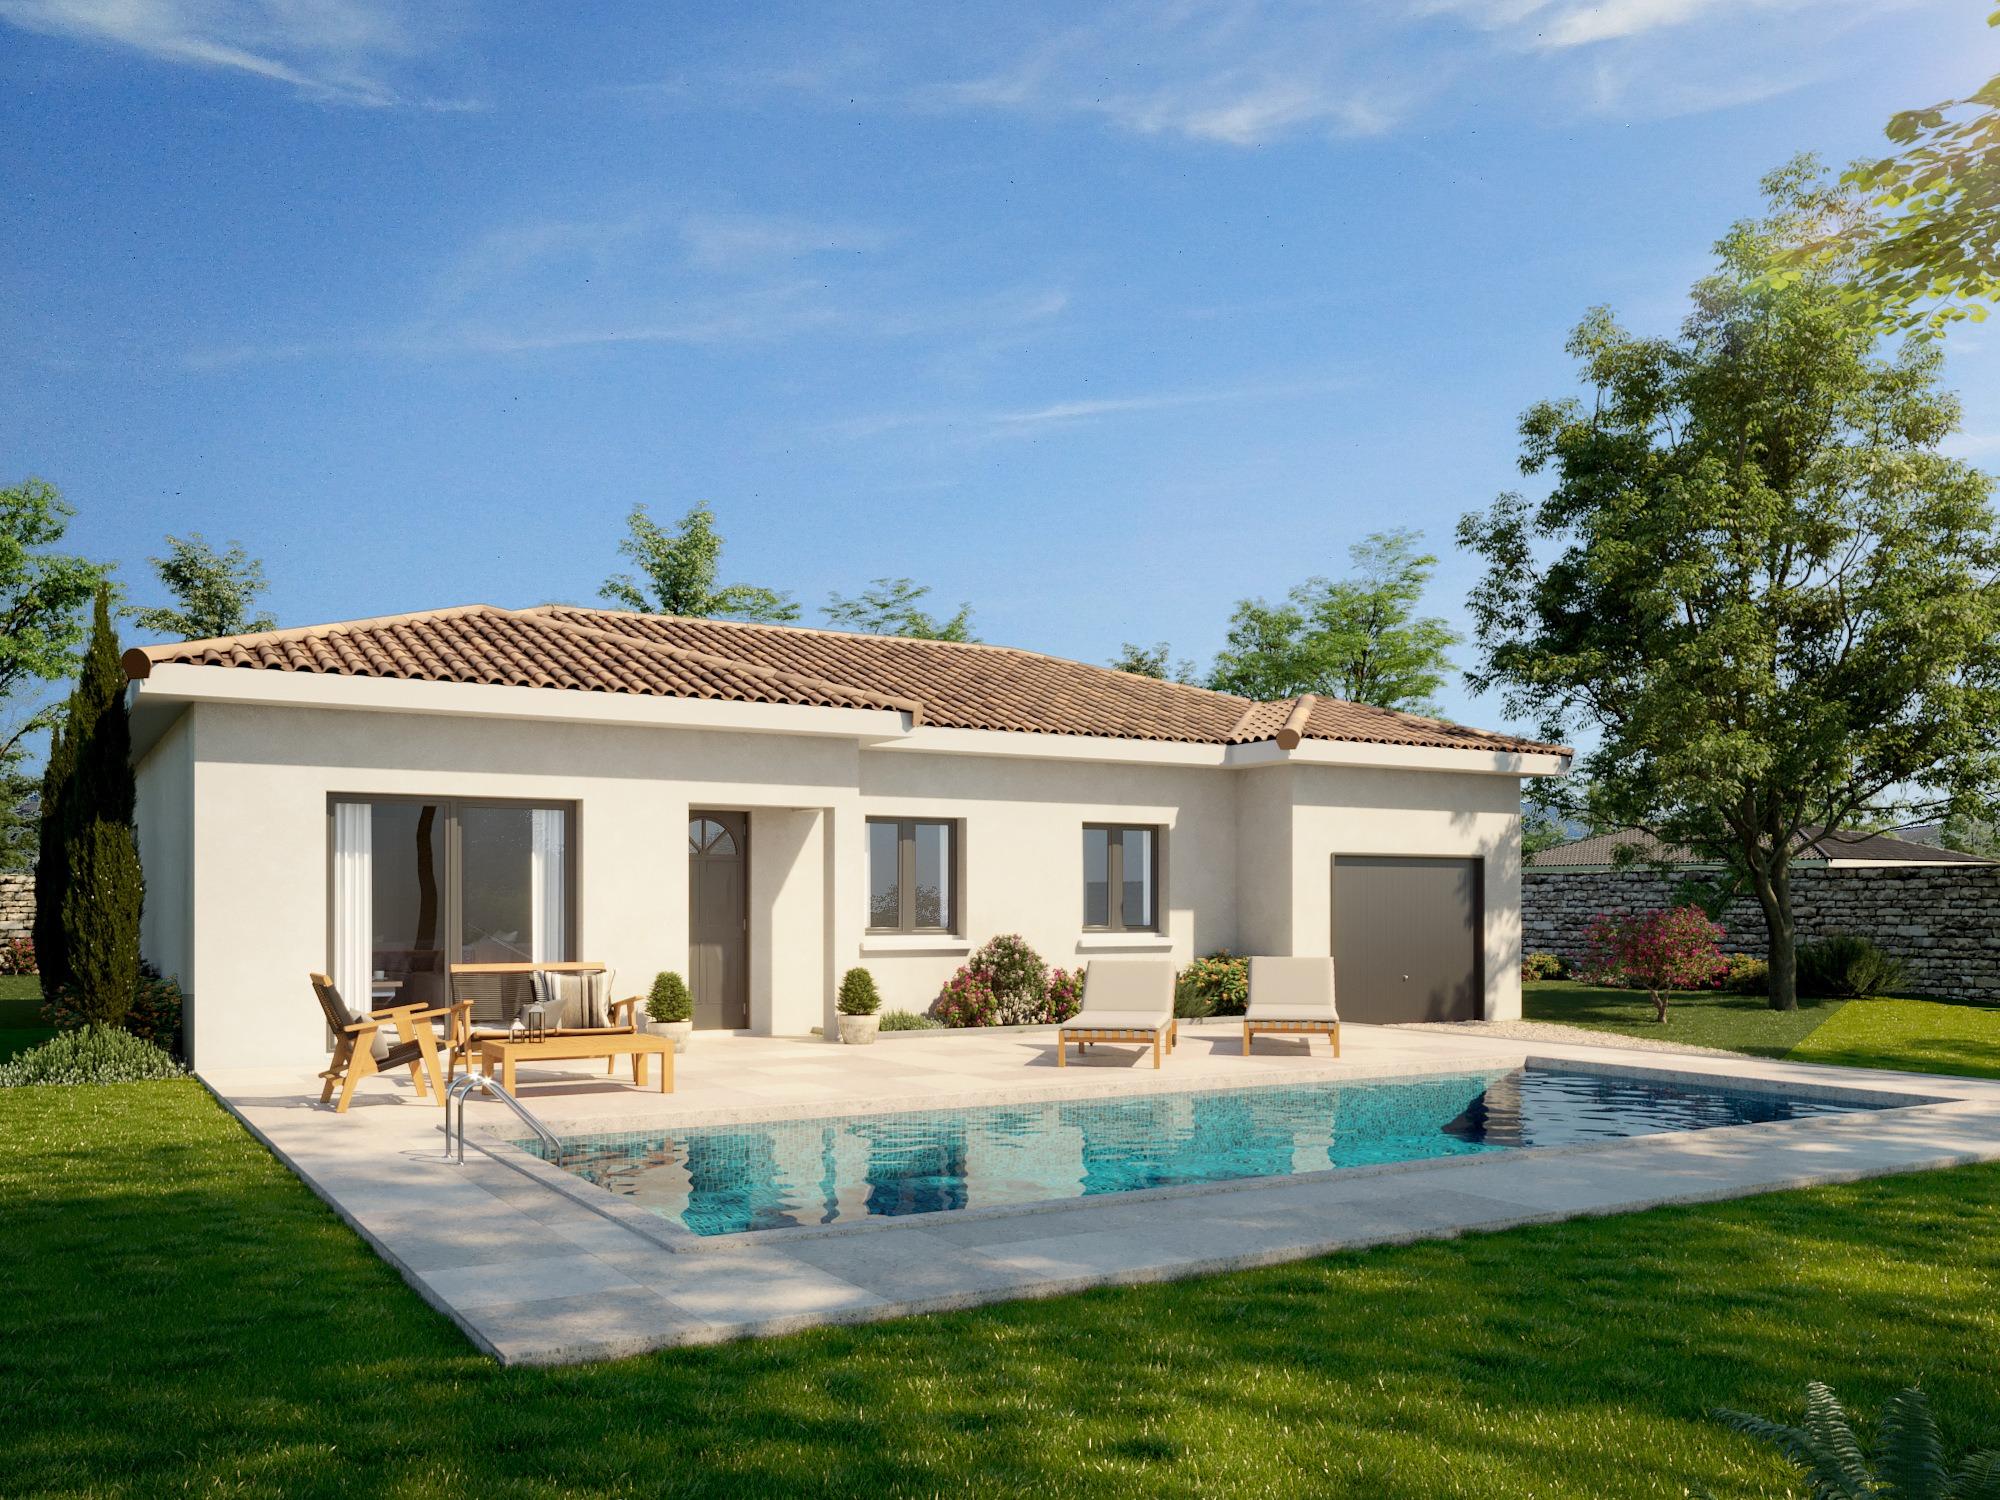 Maisons + Terrains du constructeur MAISONS PUNCH • 95 m² • PONCINS